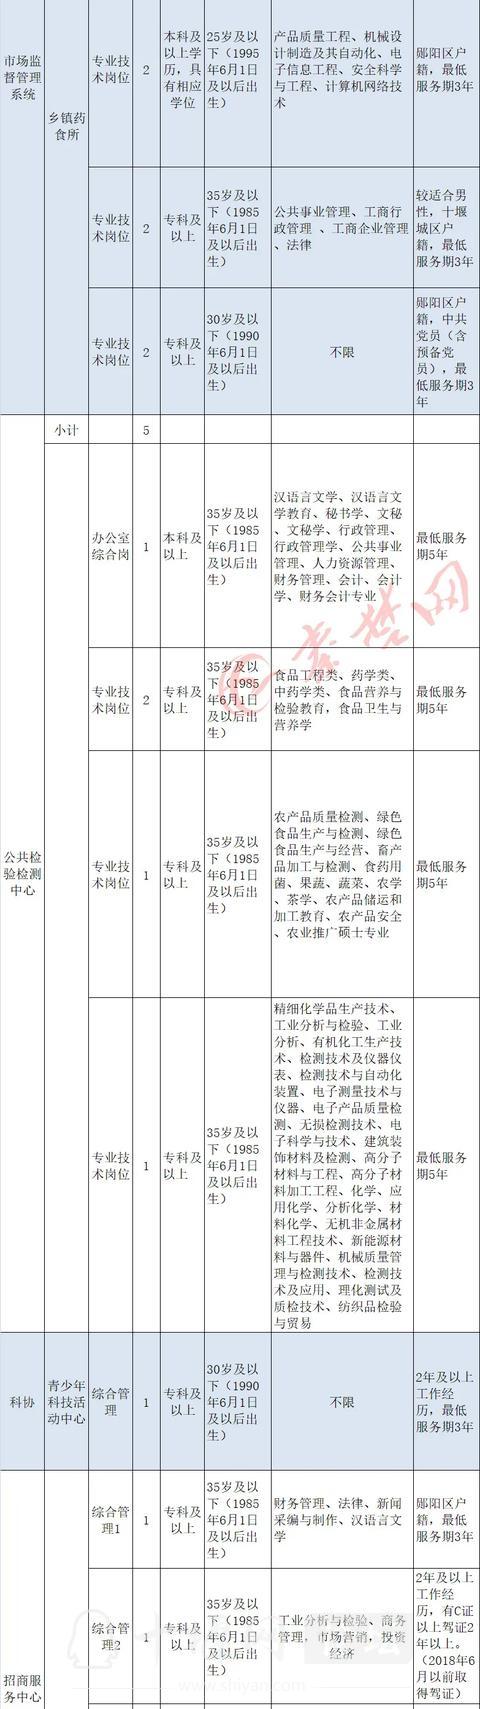 十堰启动事业单位大规模招聘,最全岗位表来了-16.jpg